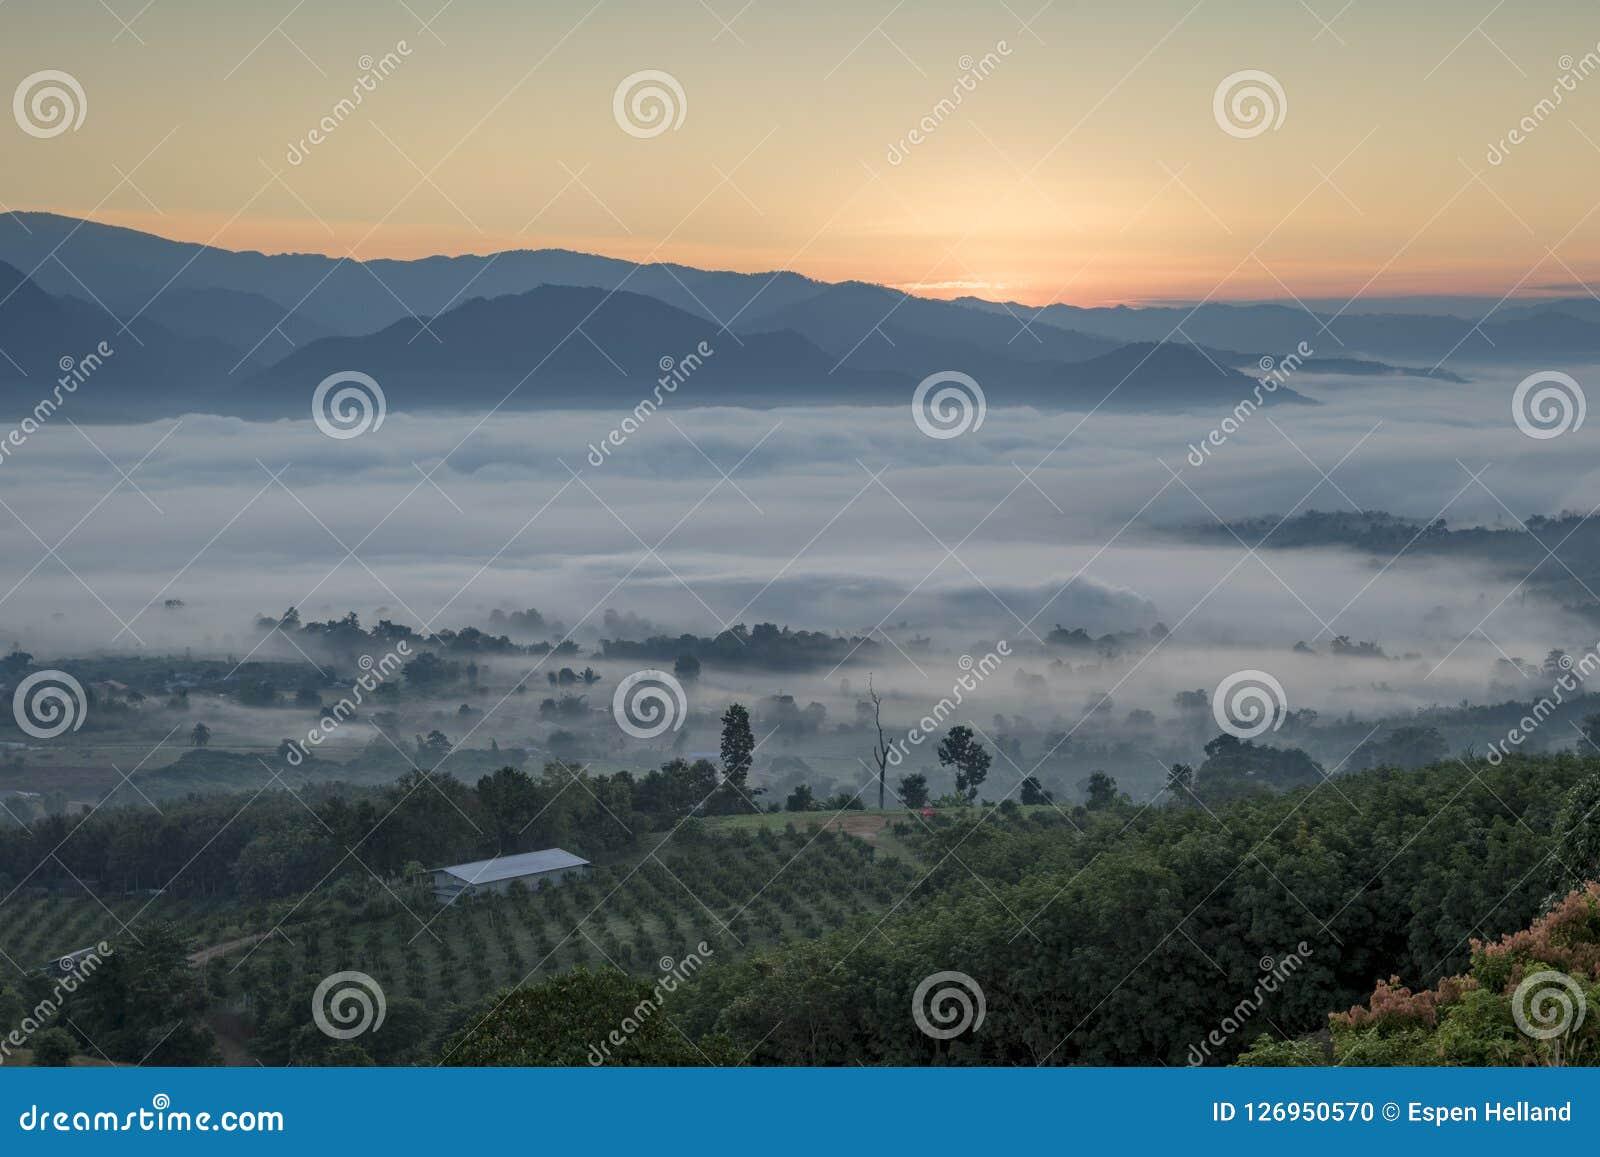 Paesaggio di Pai Thailand con foschia nelle valli ad alba